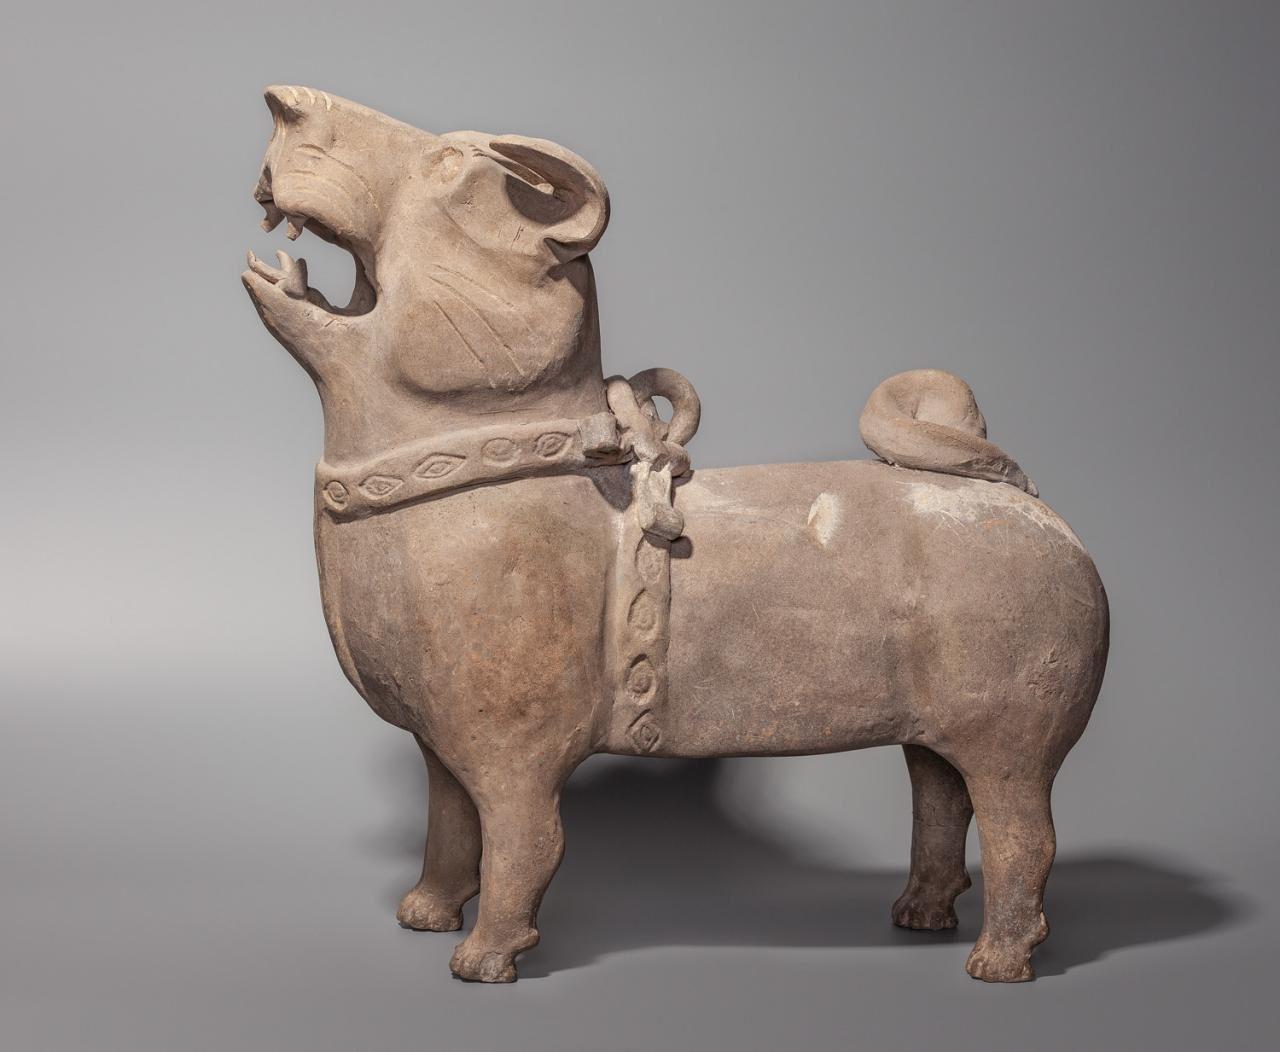 Собака. Китай, династия Хань. Серая глина, формовка, лепка, резьба, обжиг. Коллекция Кирилла Данелия